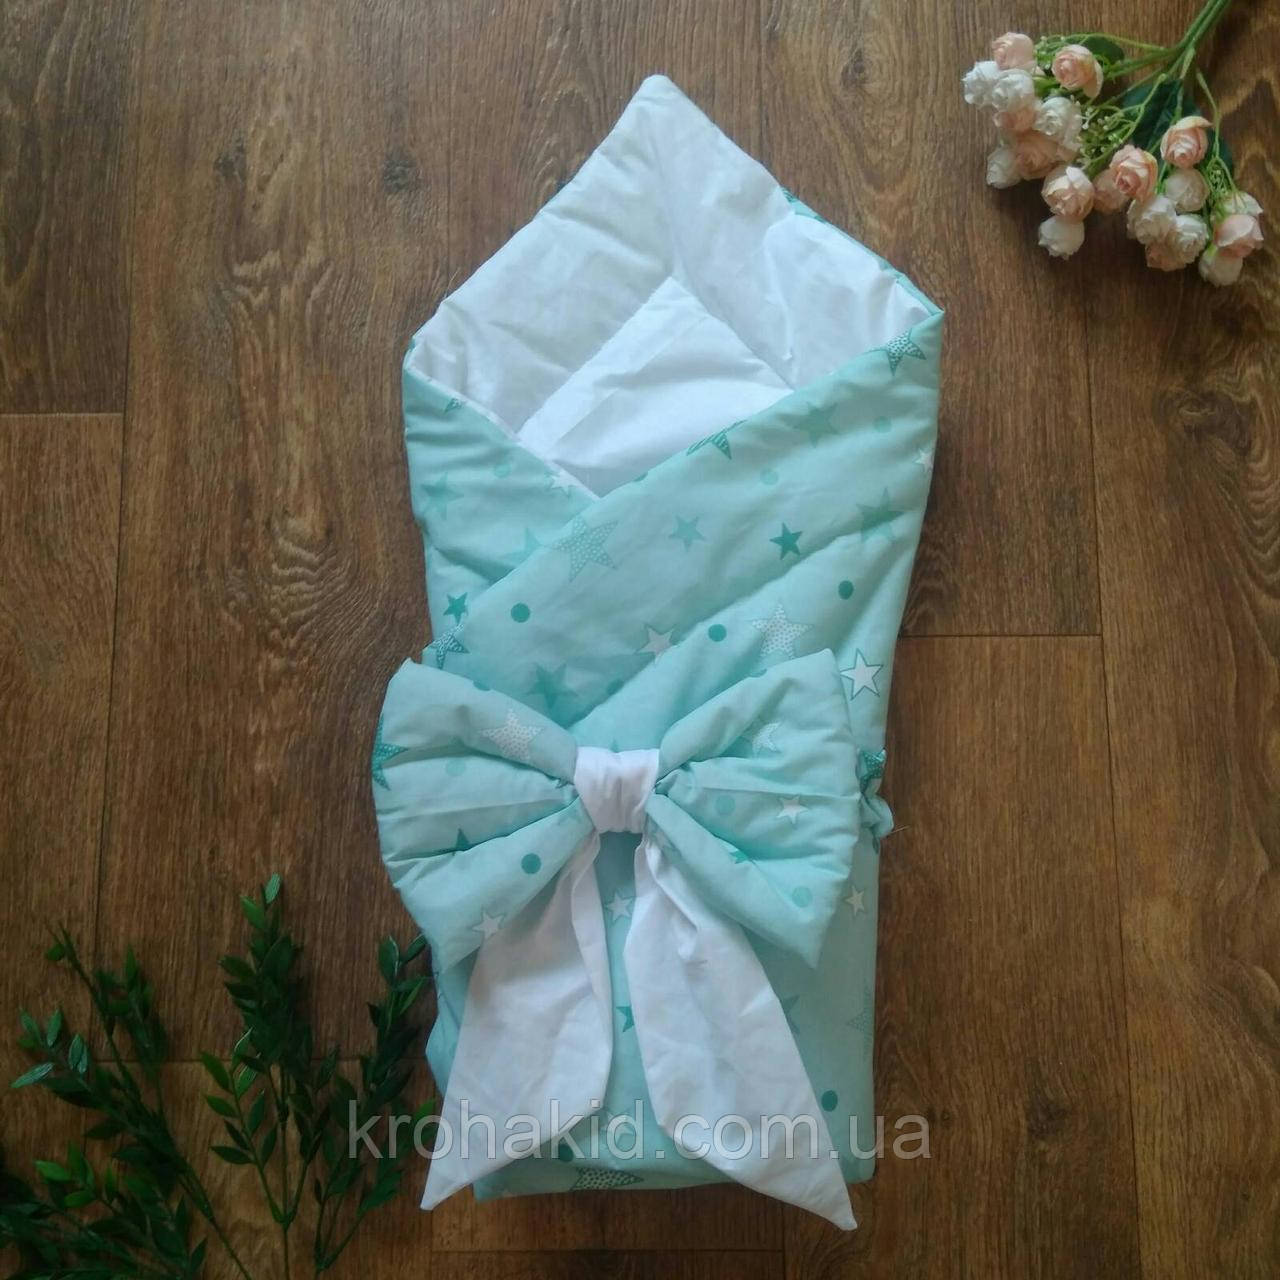 Детский летний конверт на выписку с бантом, конверт-одеяло ( ЛЕТО), конверт-плед для новорожденного